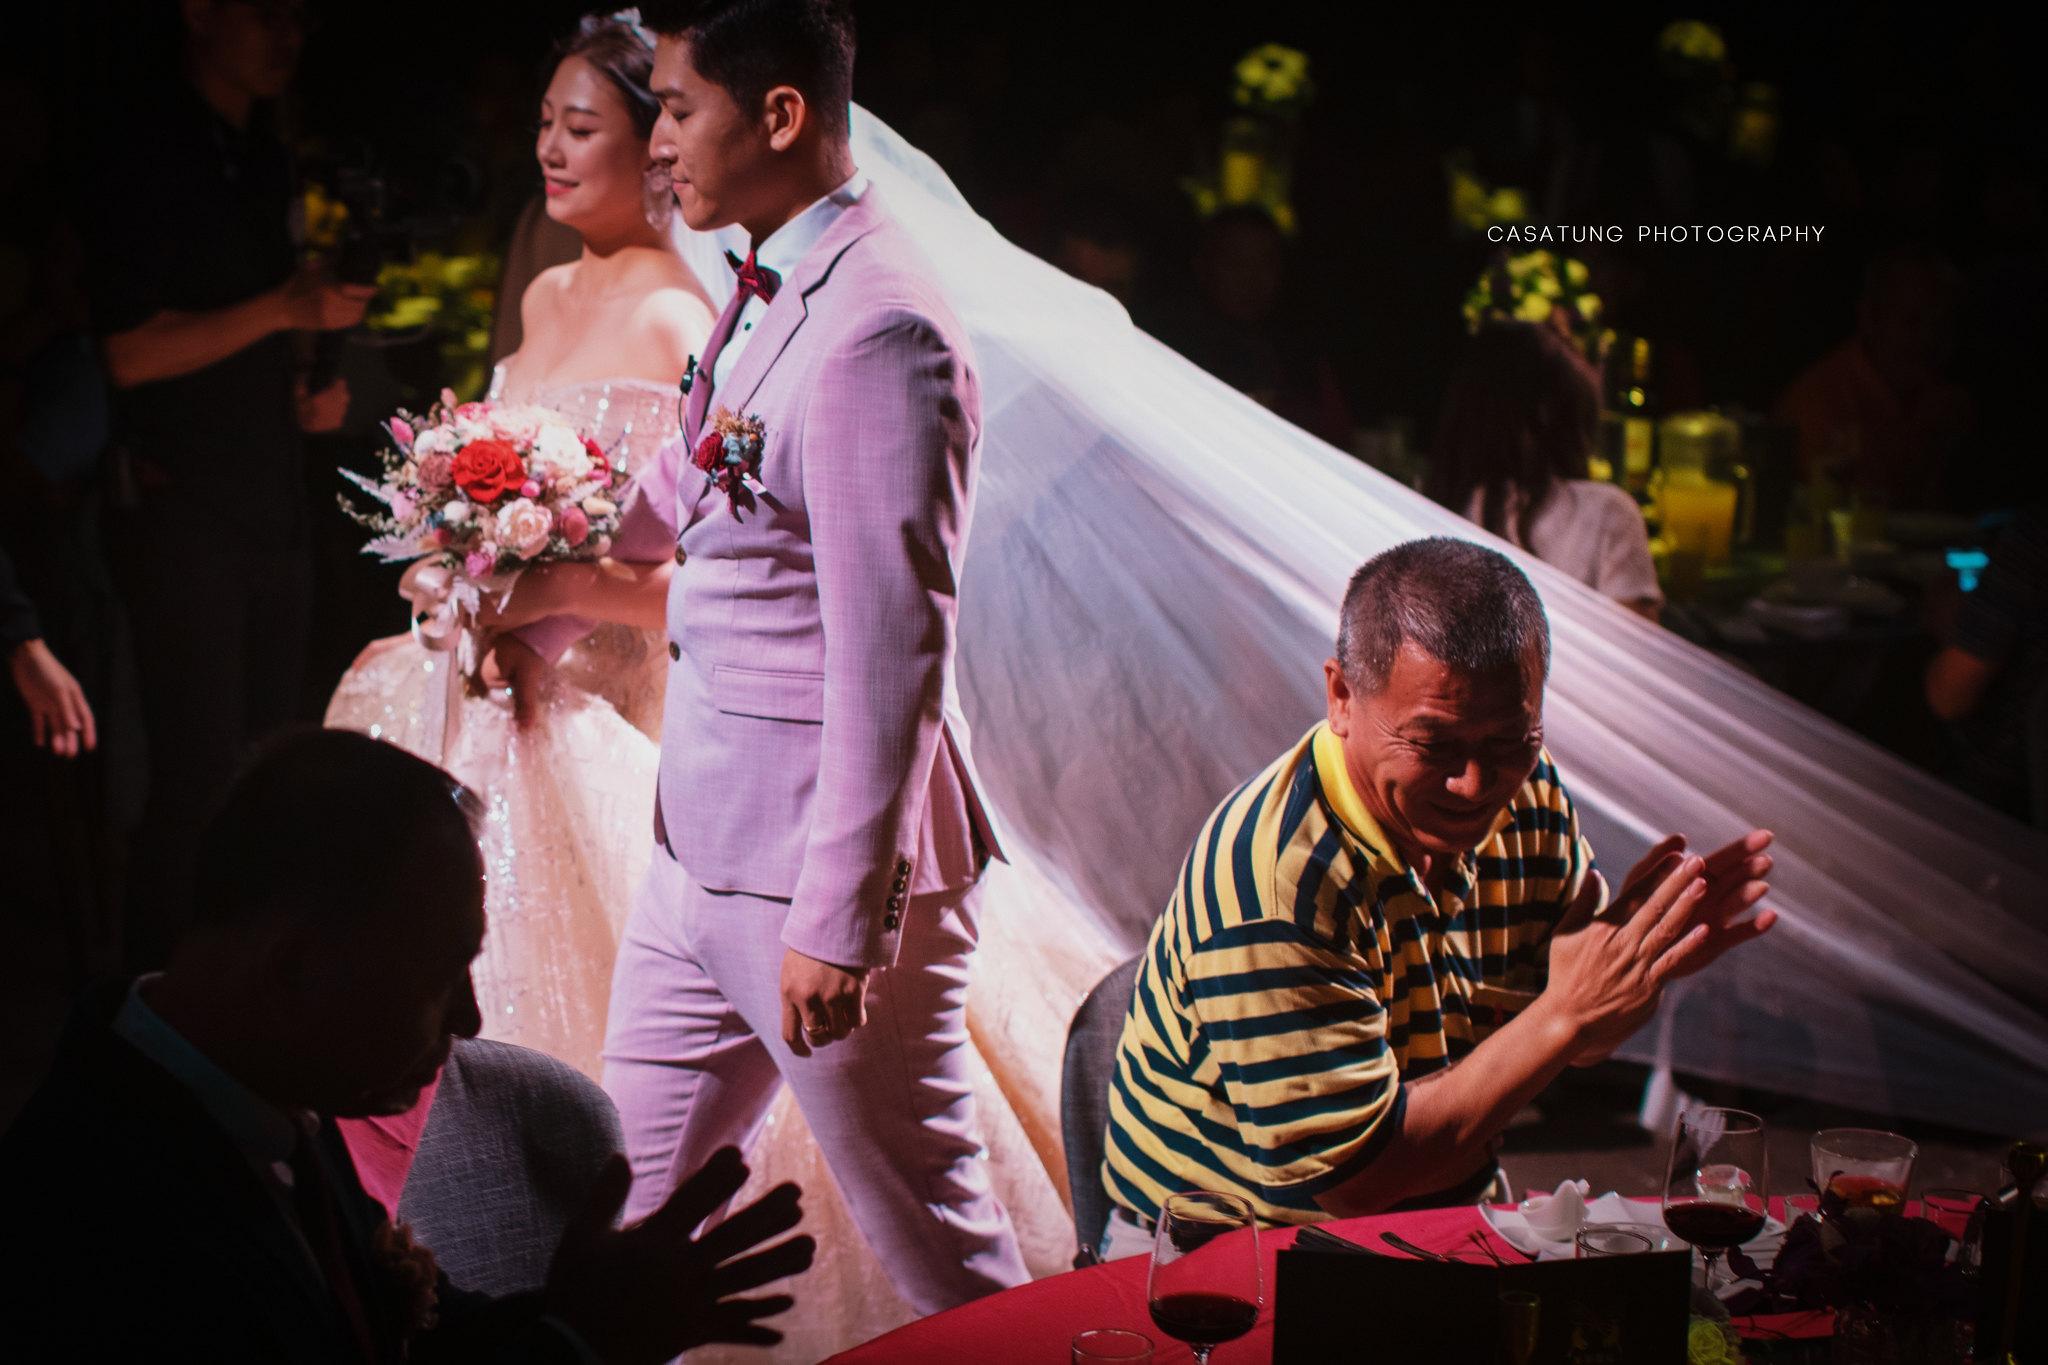 戶外婚禮, 手工婚紗, 台中婚攝, 自助婚紗, 婚紗工作室, 婚紗推薦旋轉木馬, 婚攝推廷, 婚攝CASA, 推薦婚攝, 旋轉木馬婚紗, 萊特維庭婚禮, 禮服出租, lightweeding,萊特薇庭婚攝-113